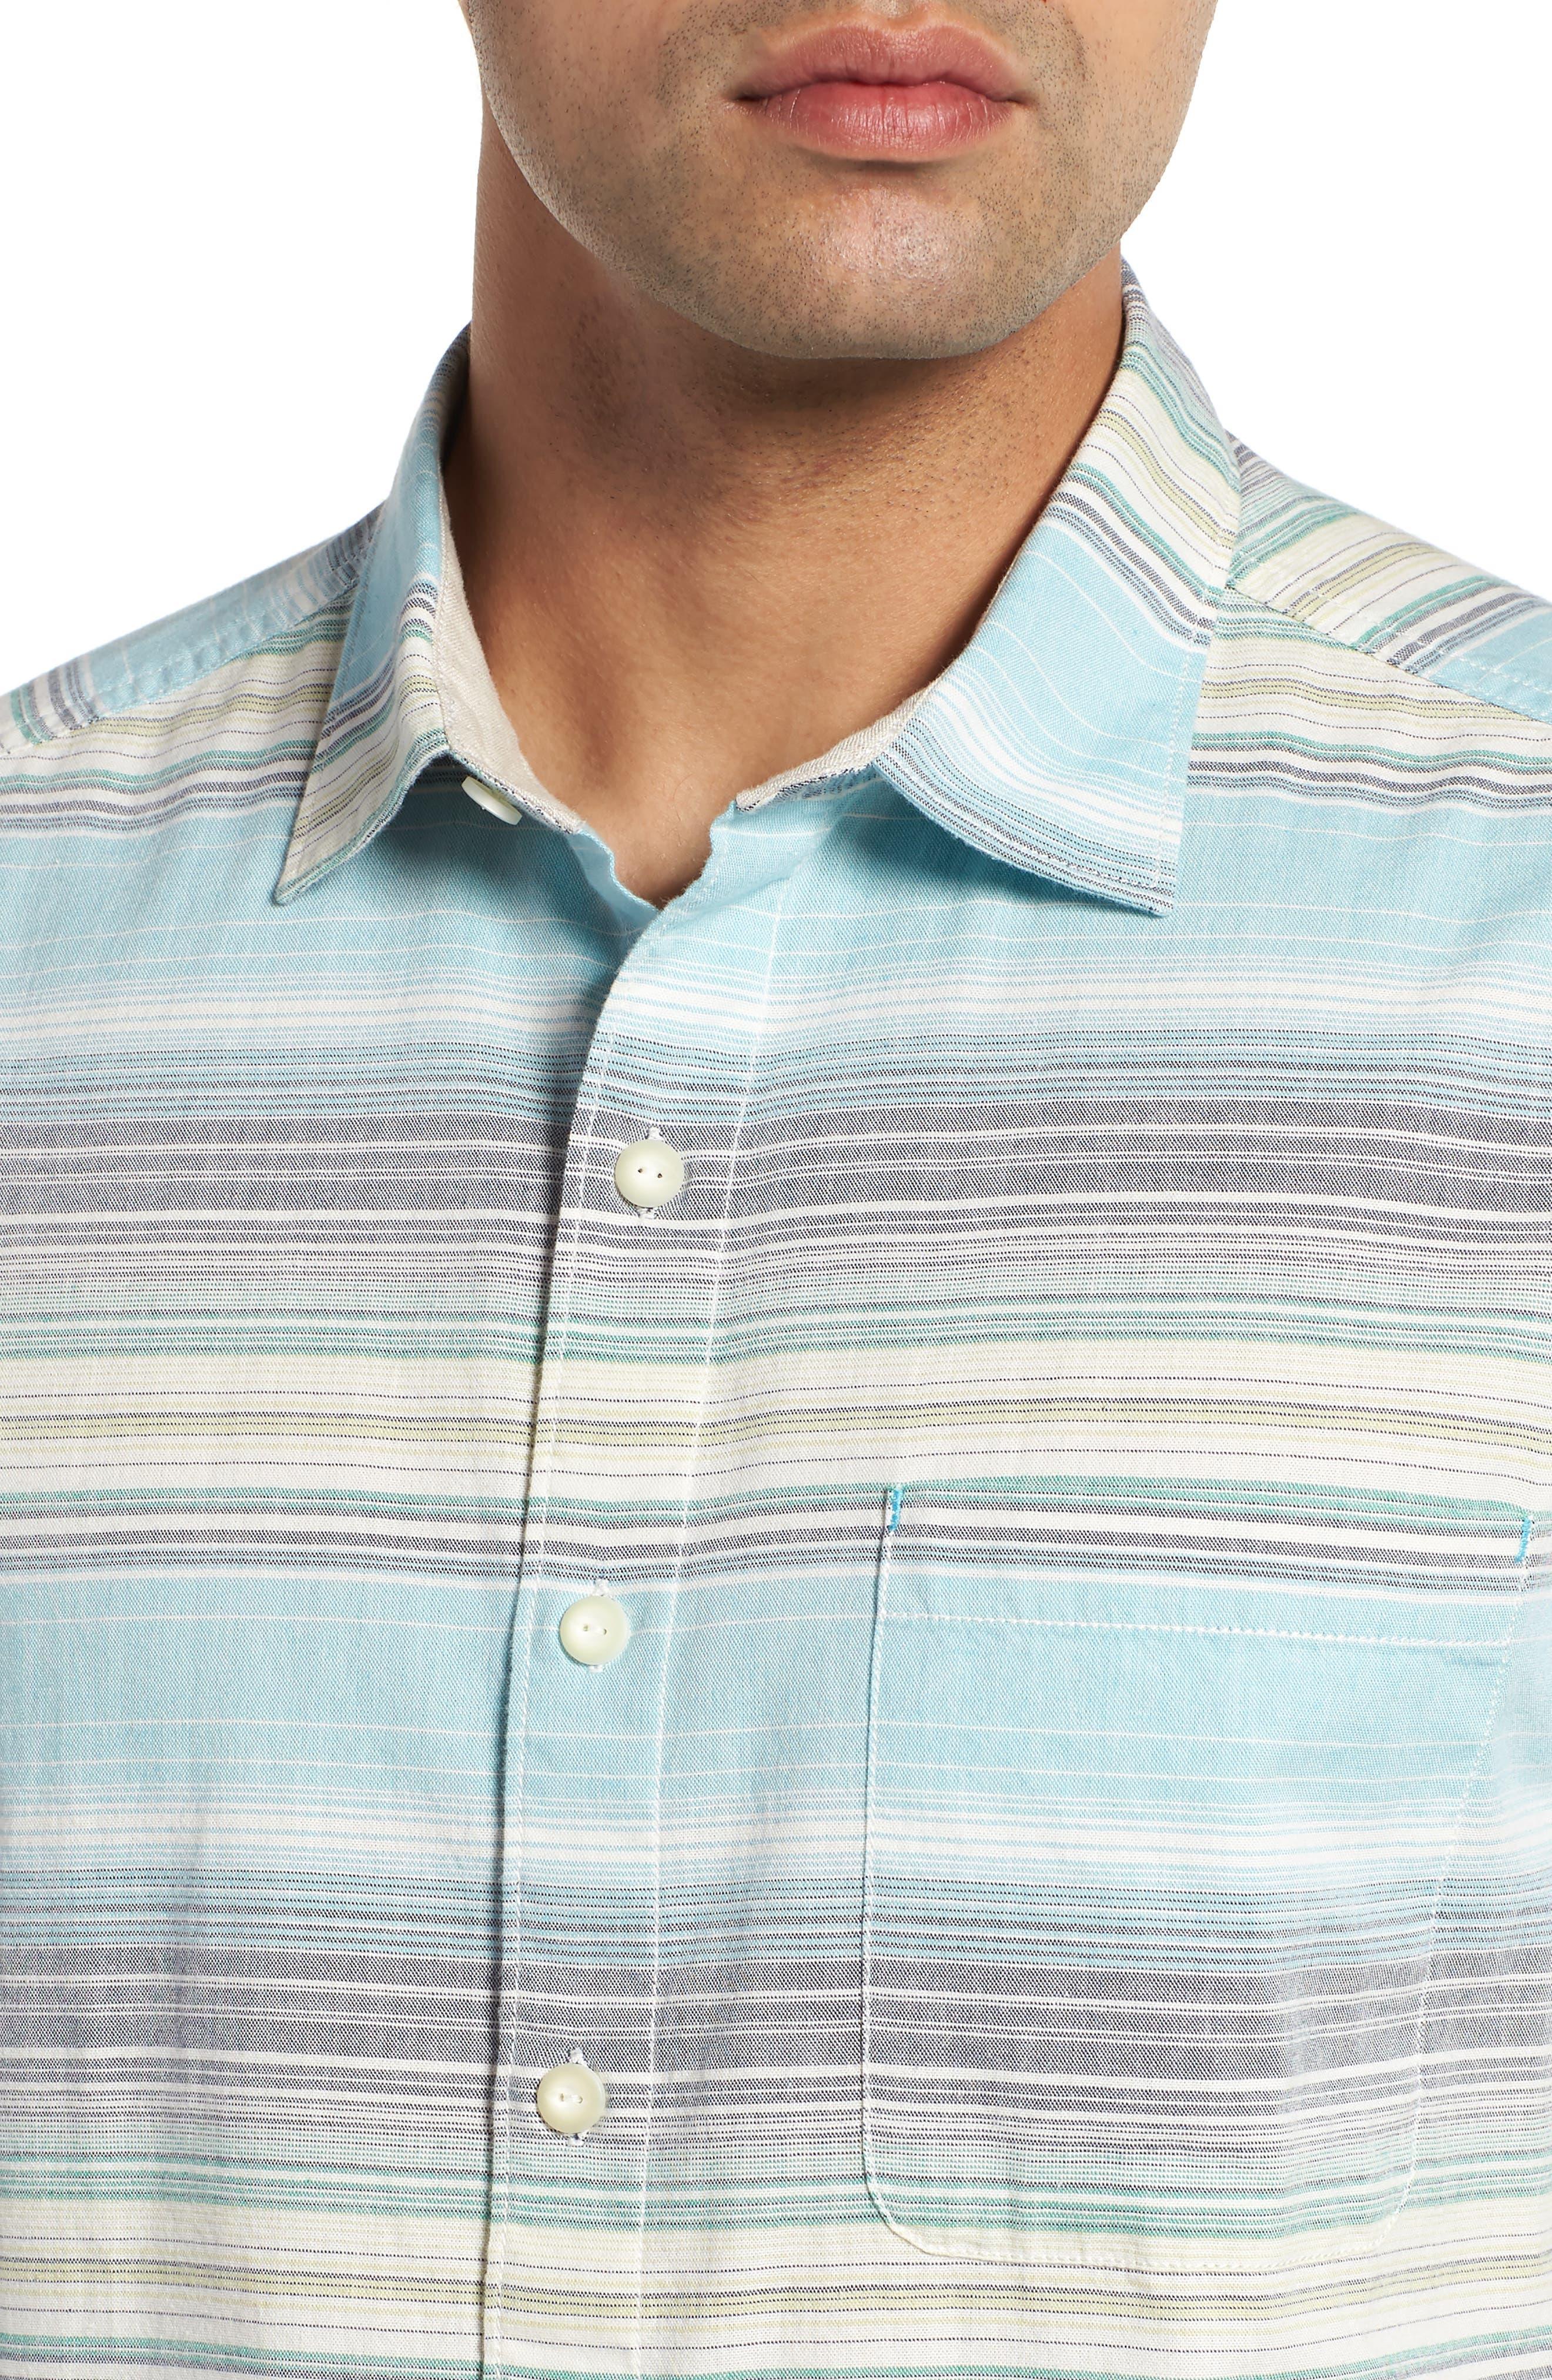 Somara Stripe Sport Shirt,                             Alternate thumbnail 2, color,                             400